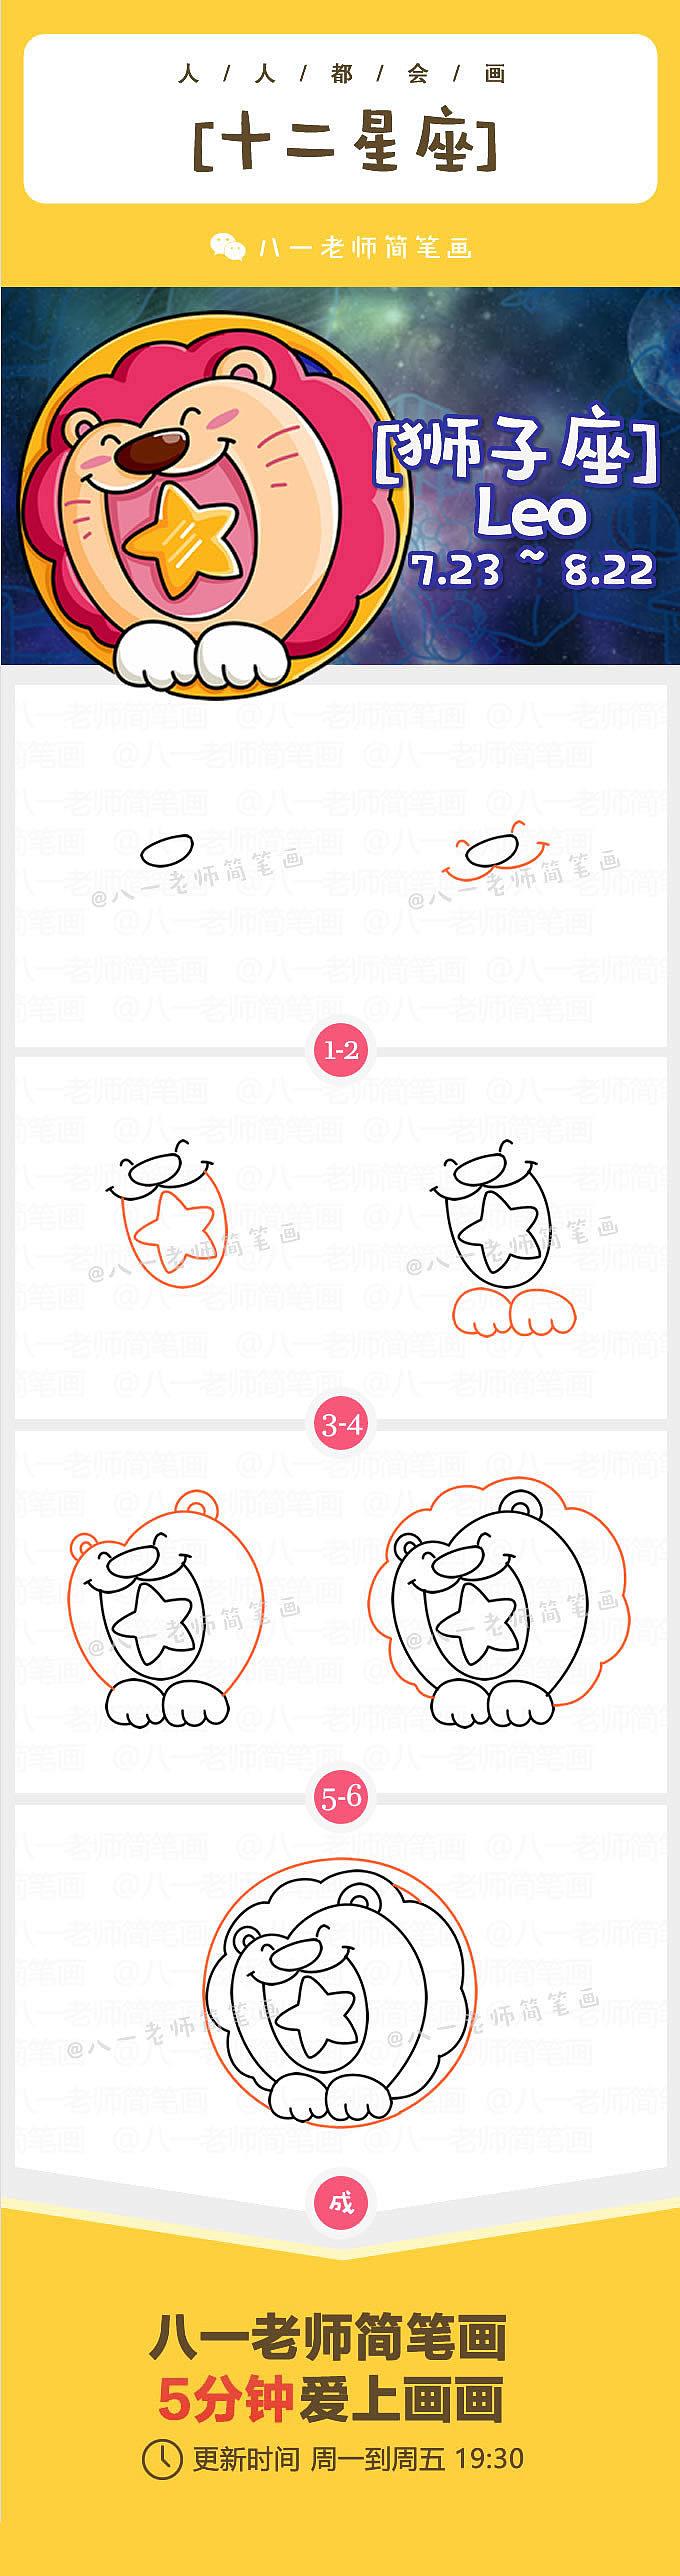 十二星座简笔画-狮子座|动漫|单幅漫画|八一老师简笔